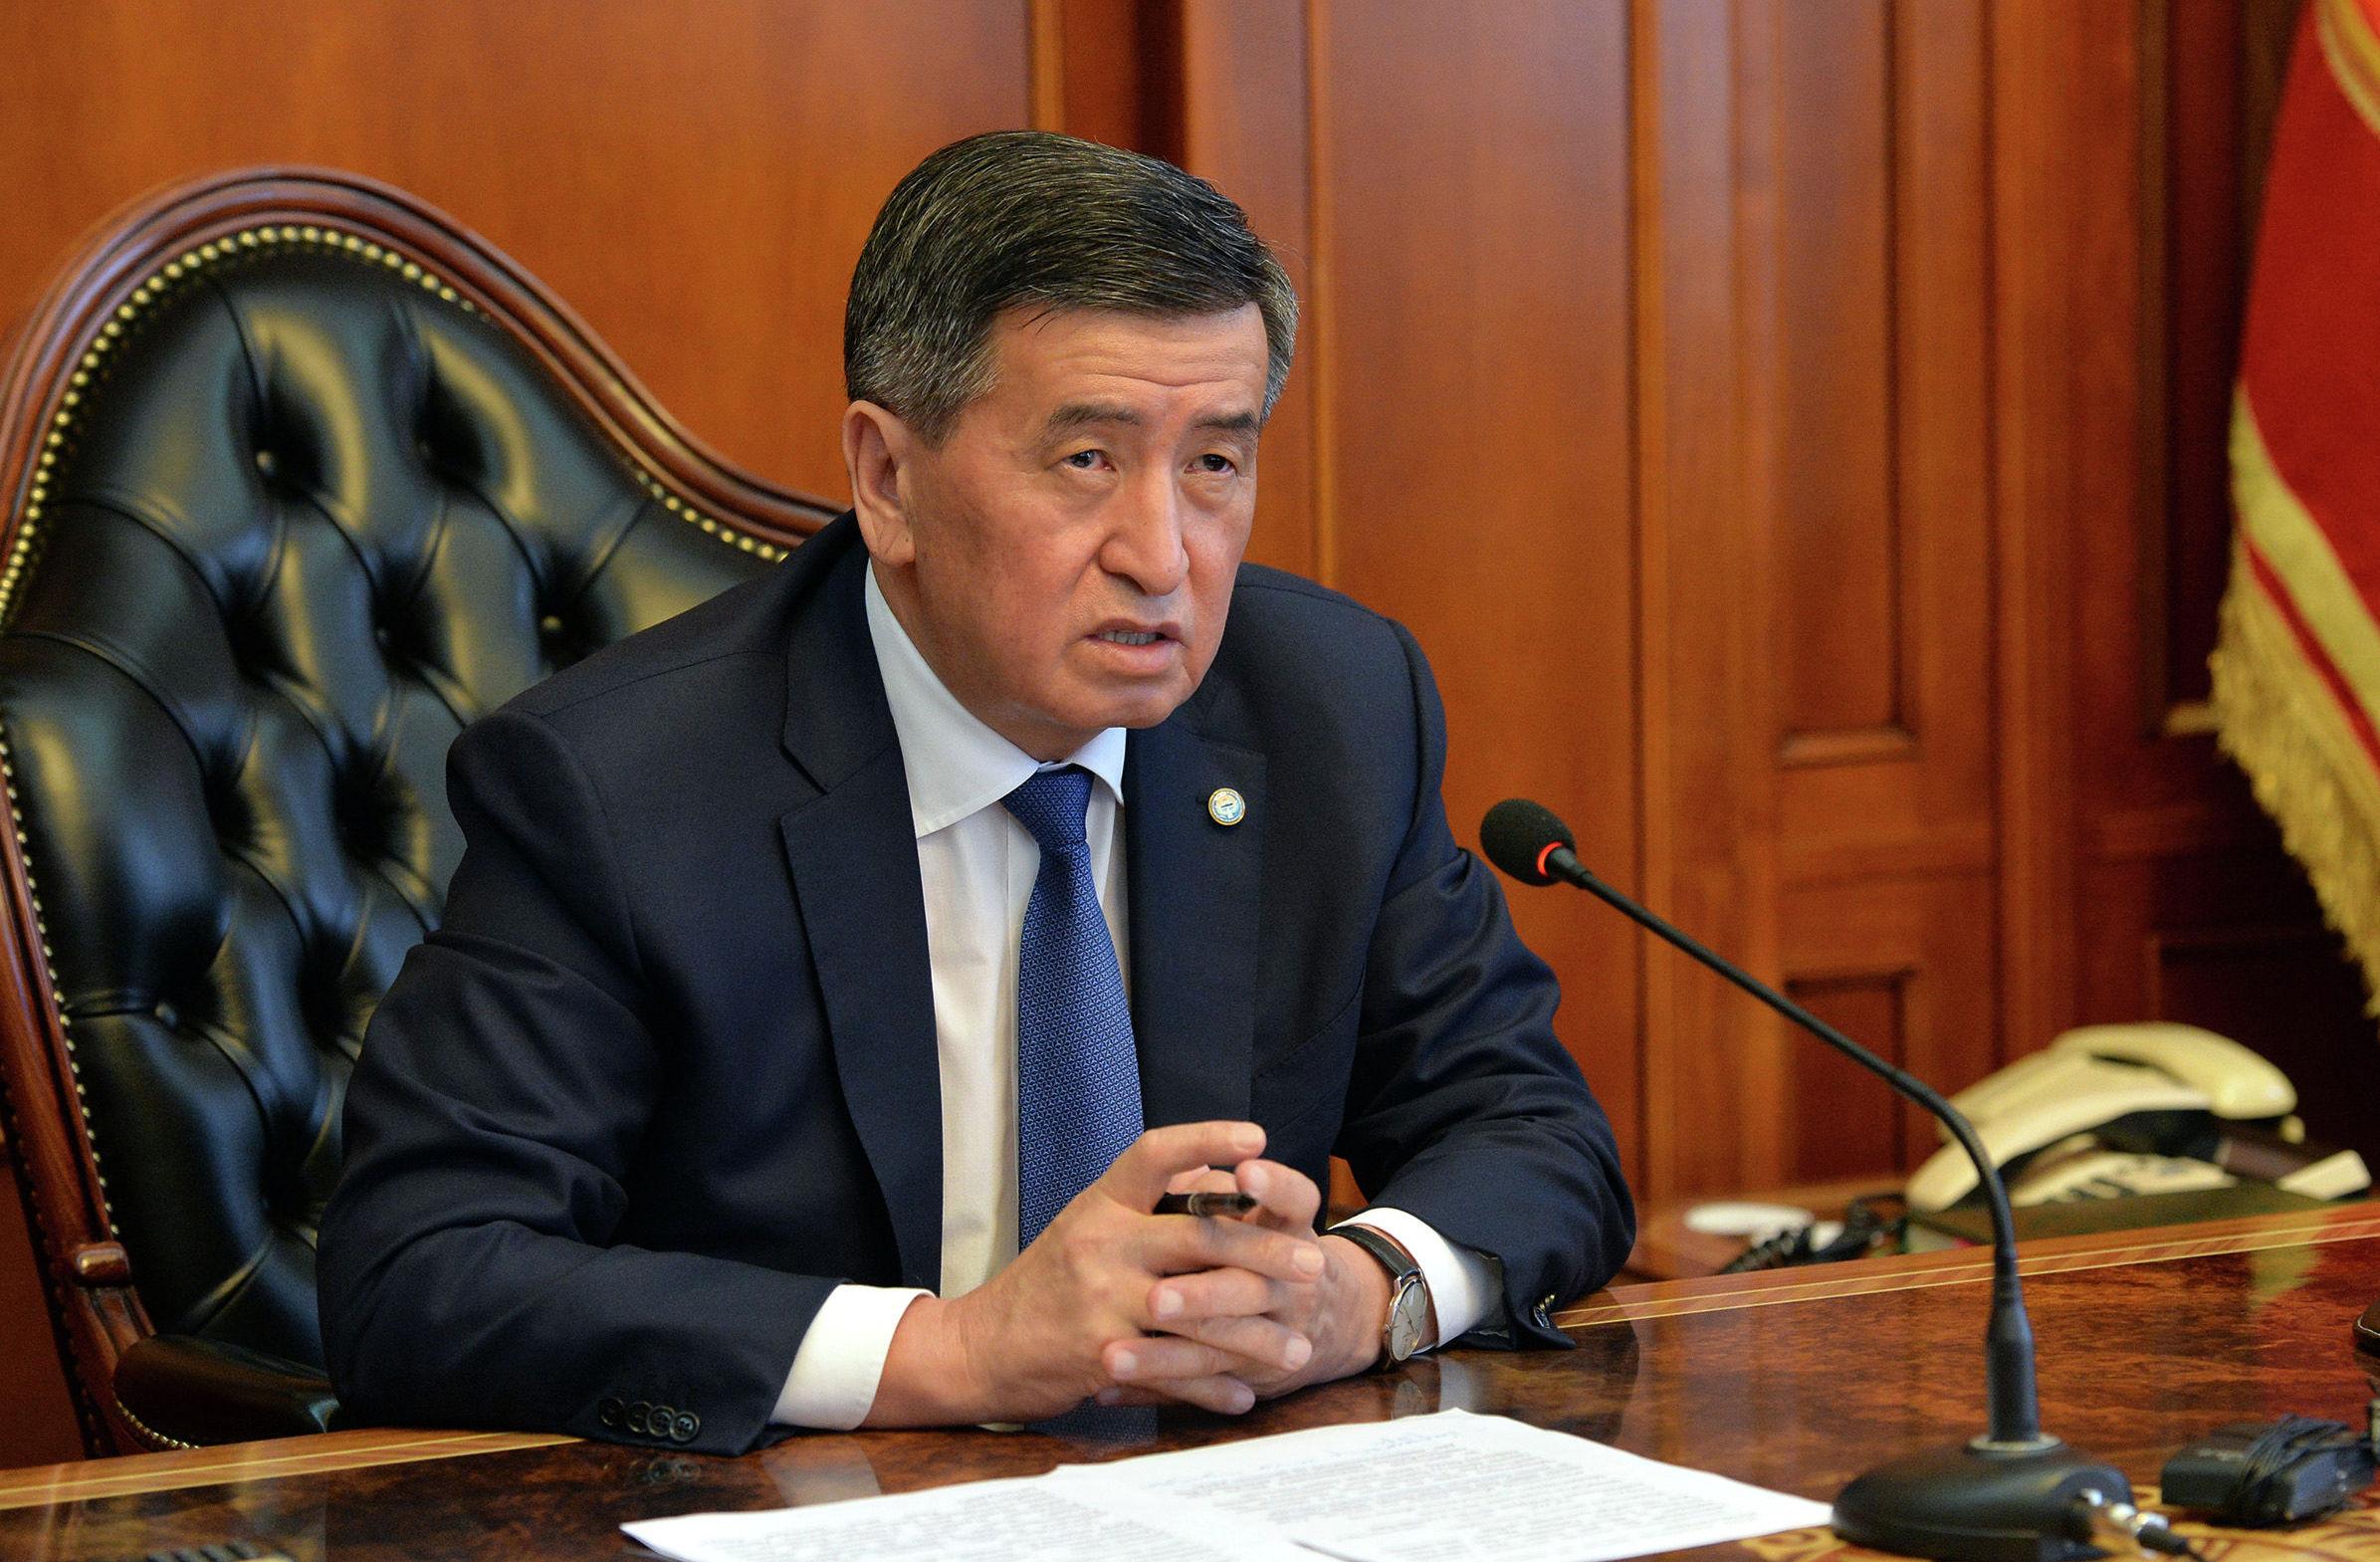 Президент Кыргызской Республики Сооронбай Жээнбеков сегодня, 13 июля, провел онлайн-совещание с Премьер-министром Кыргызской Республики Кубатбеком Бороновым.